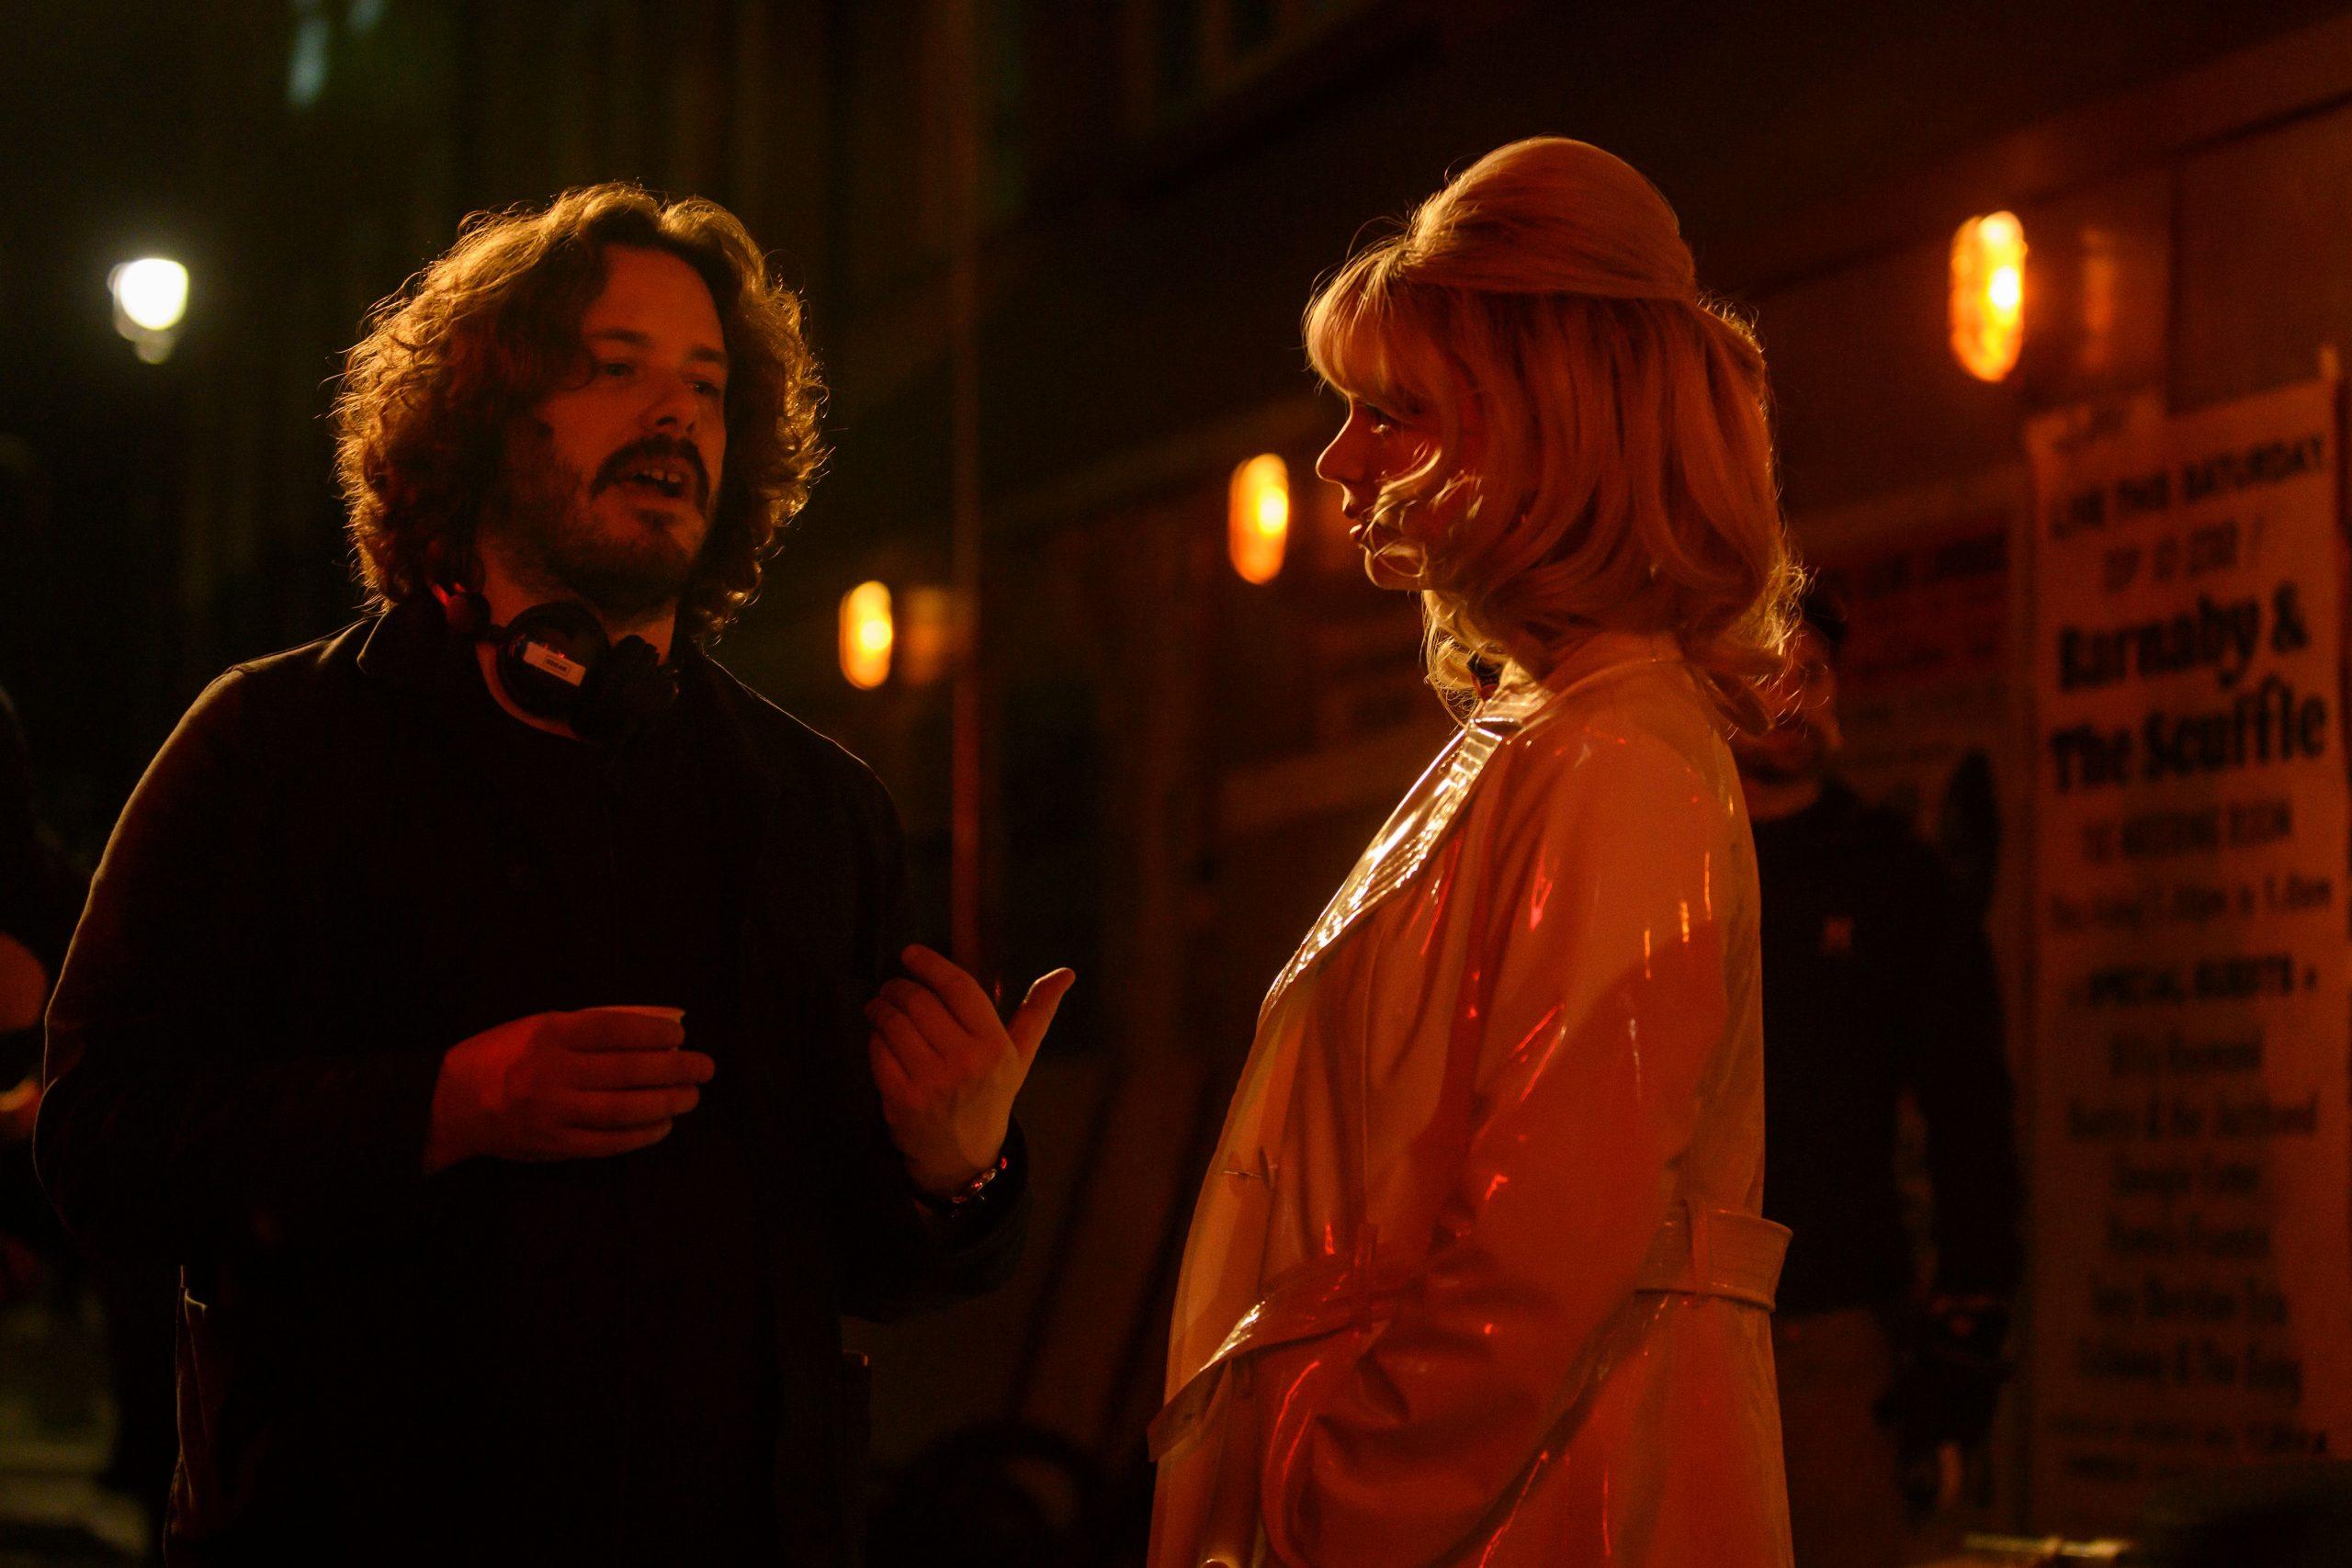 Первый трейлер «Прошлой ночью в Сохо» с Аней Тейлор-Джой 8